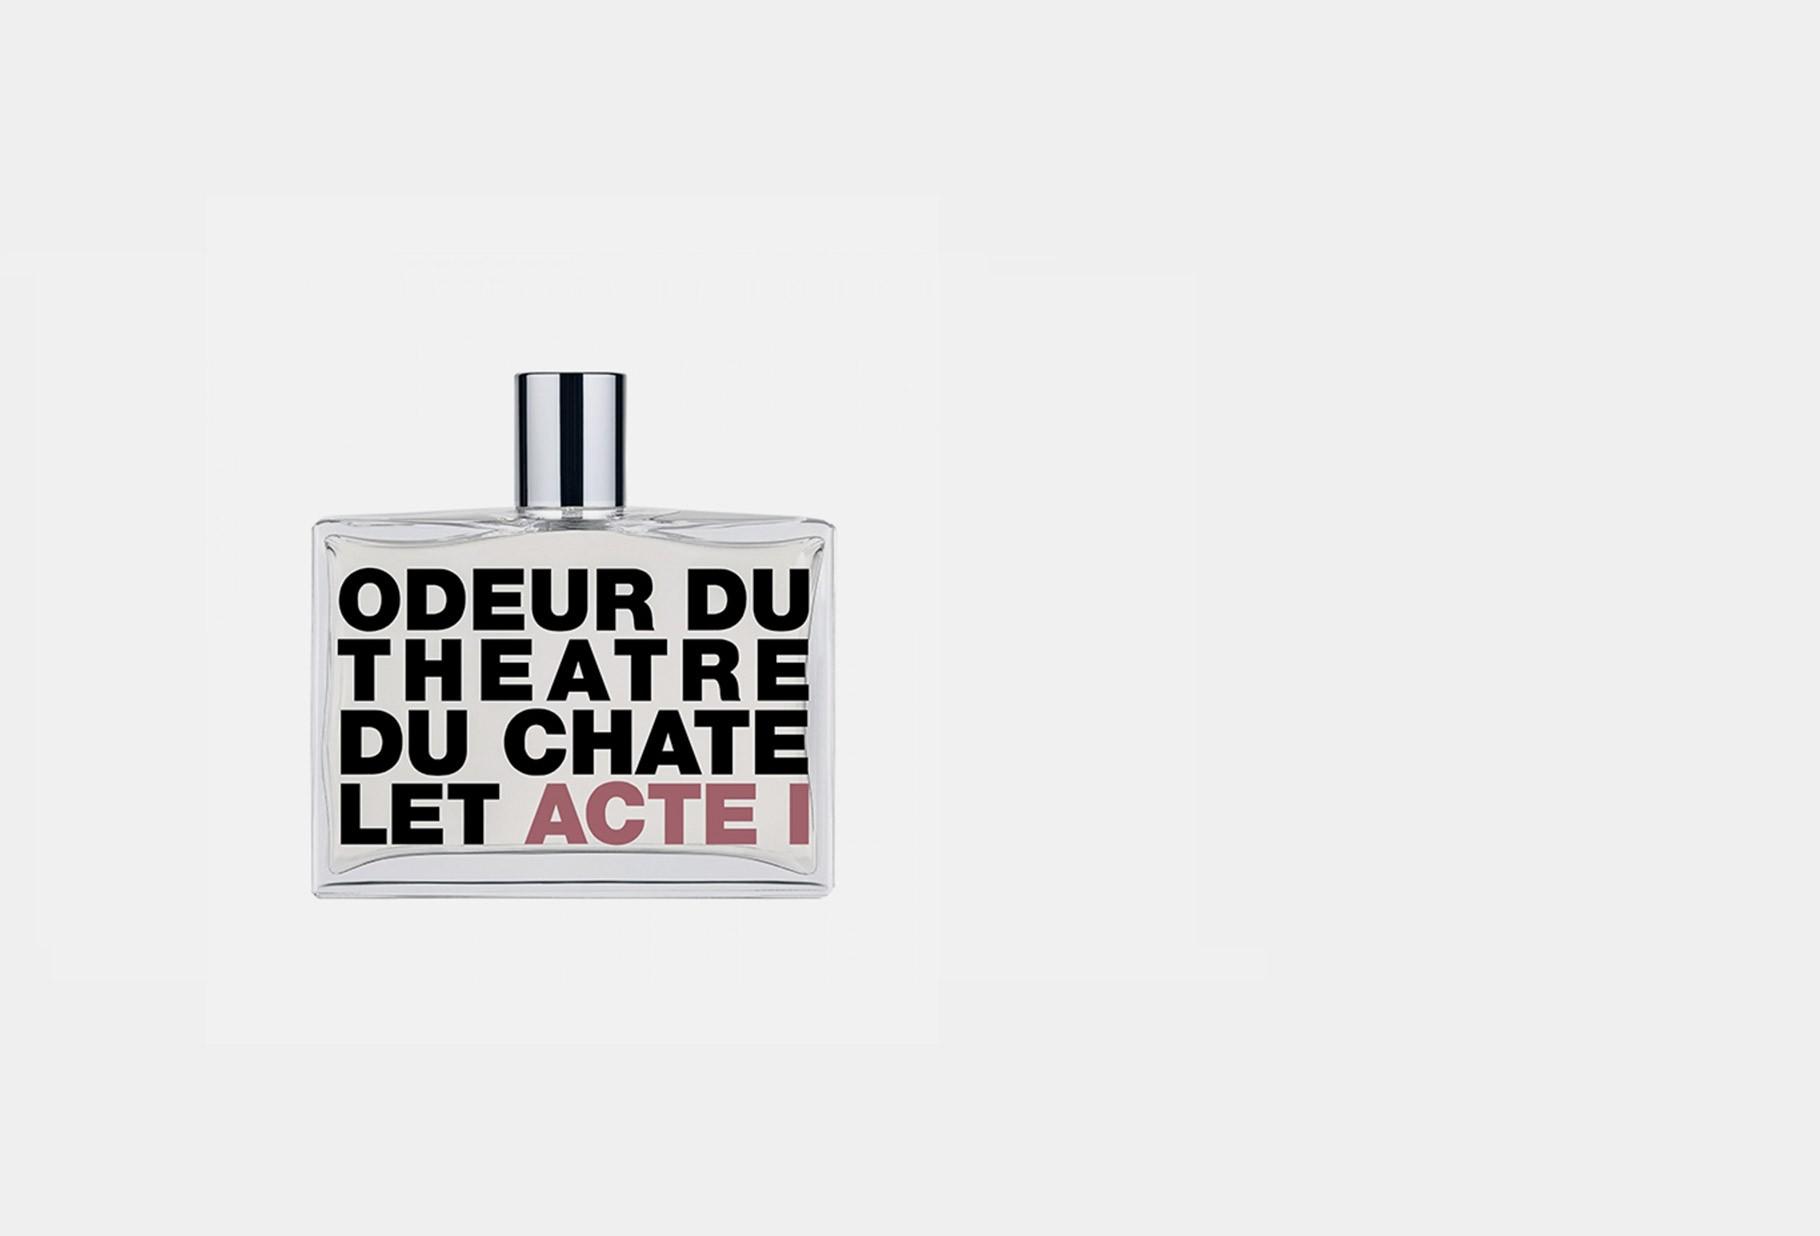 COMME DES GARÇONS PARFUMS / Odeur du theatre du chatelet